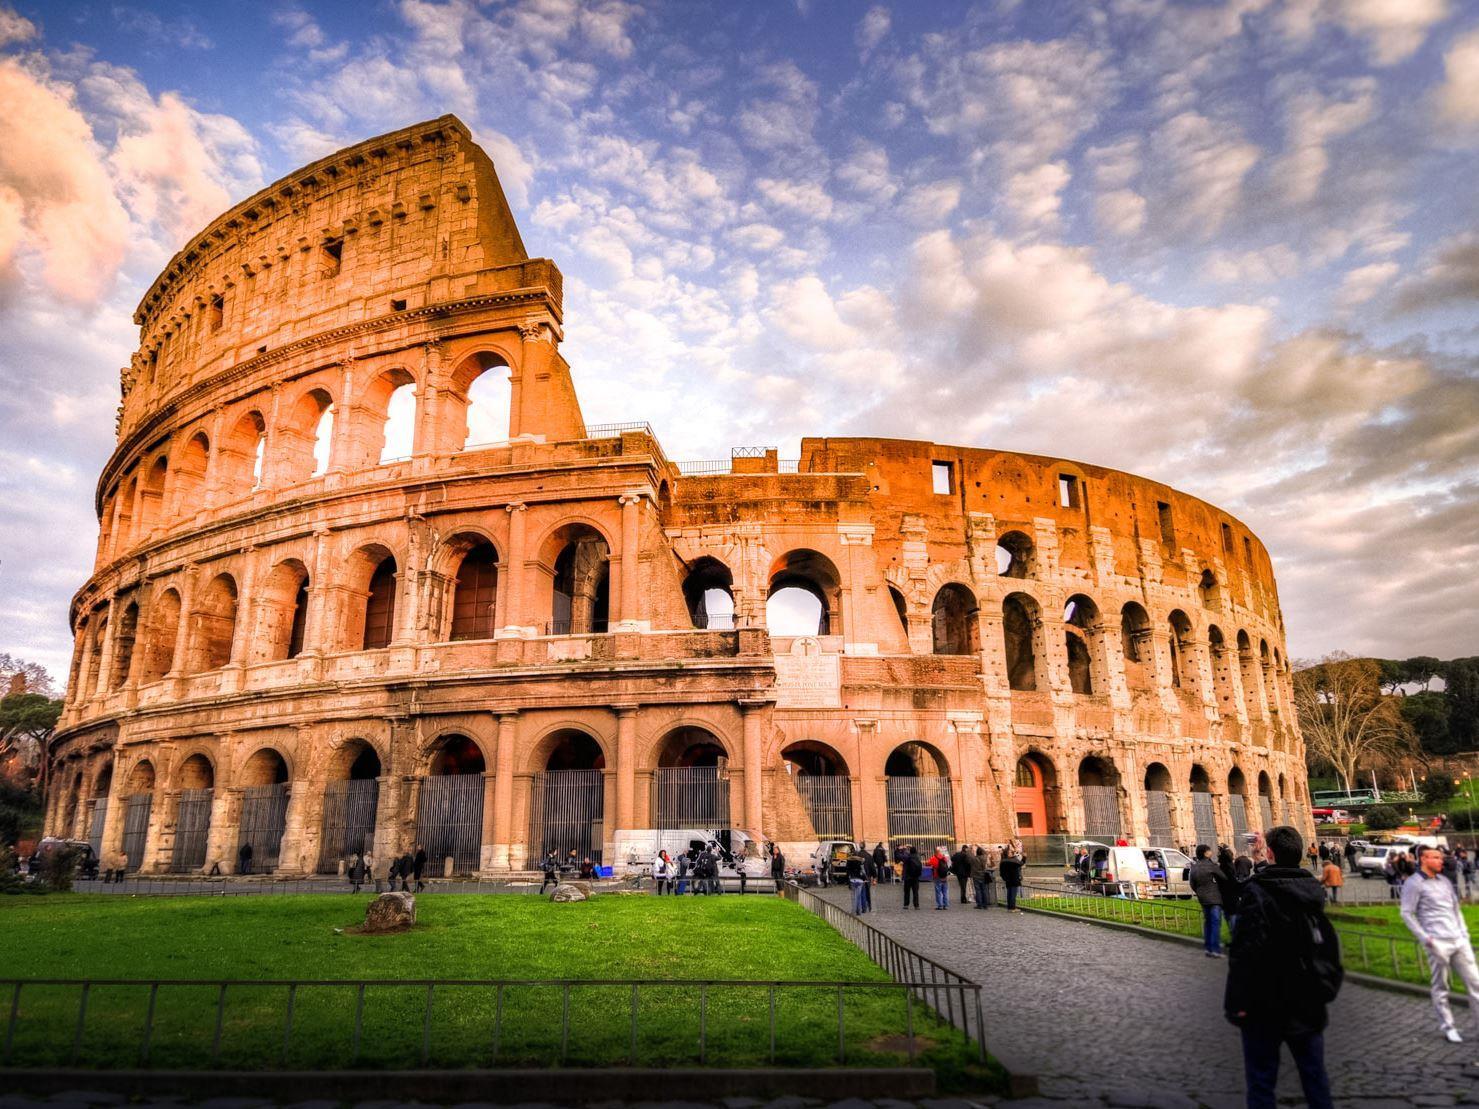 Büyük İtalya Turu Türk Havayolları İle (Napoli Gidiş/Milano Dönüş) 2019